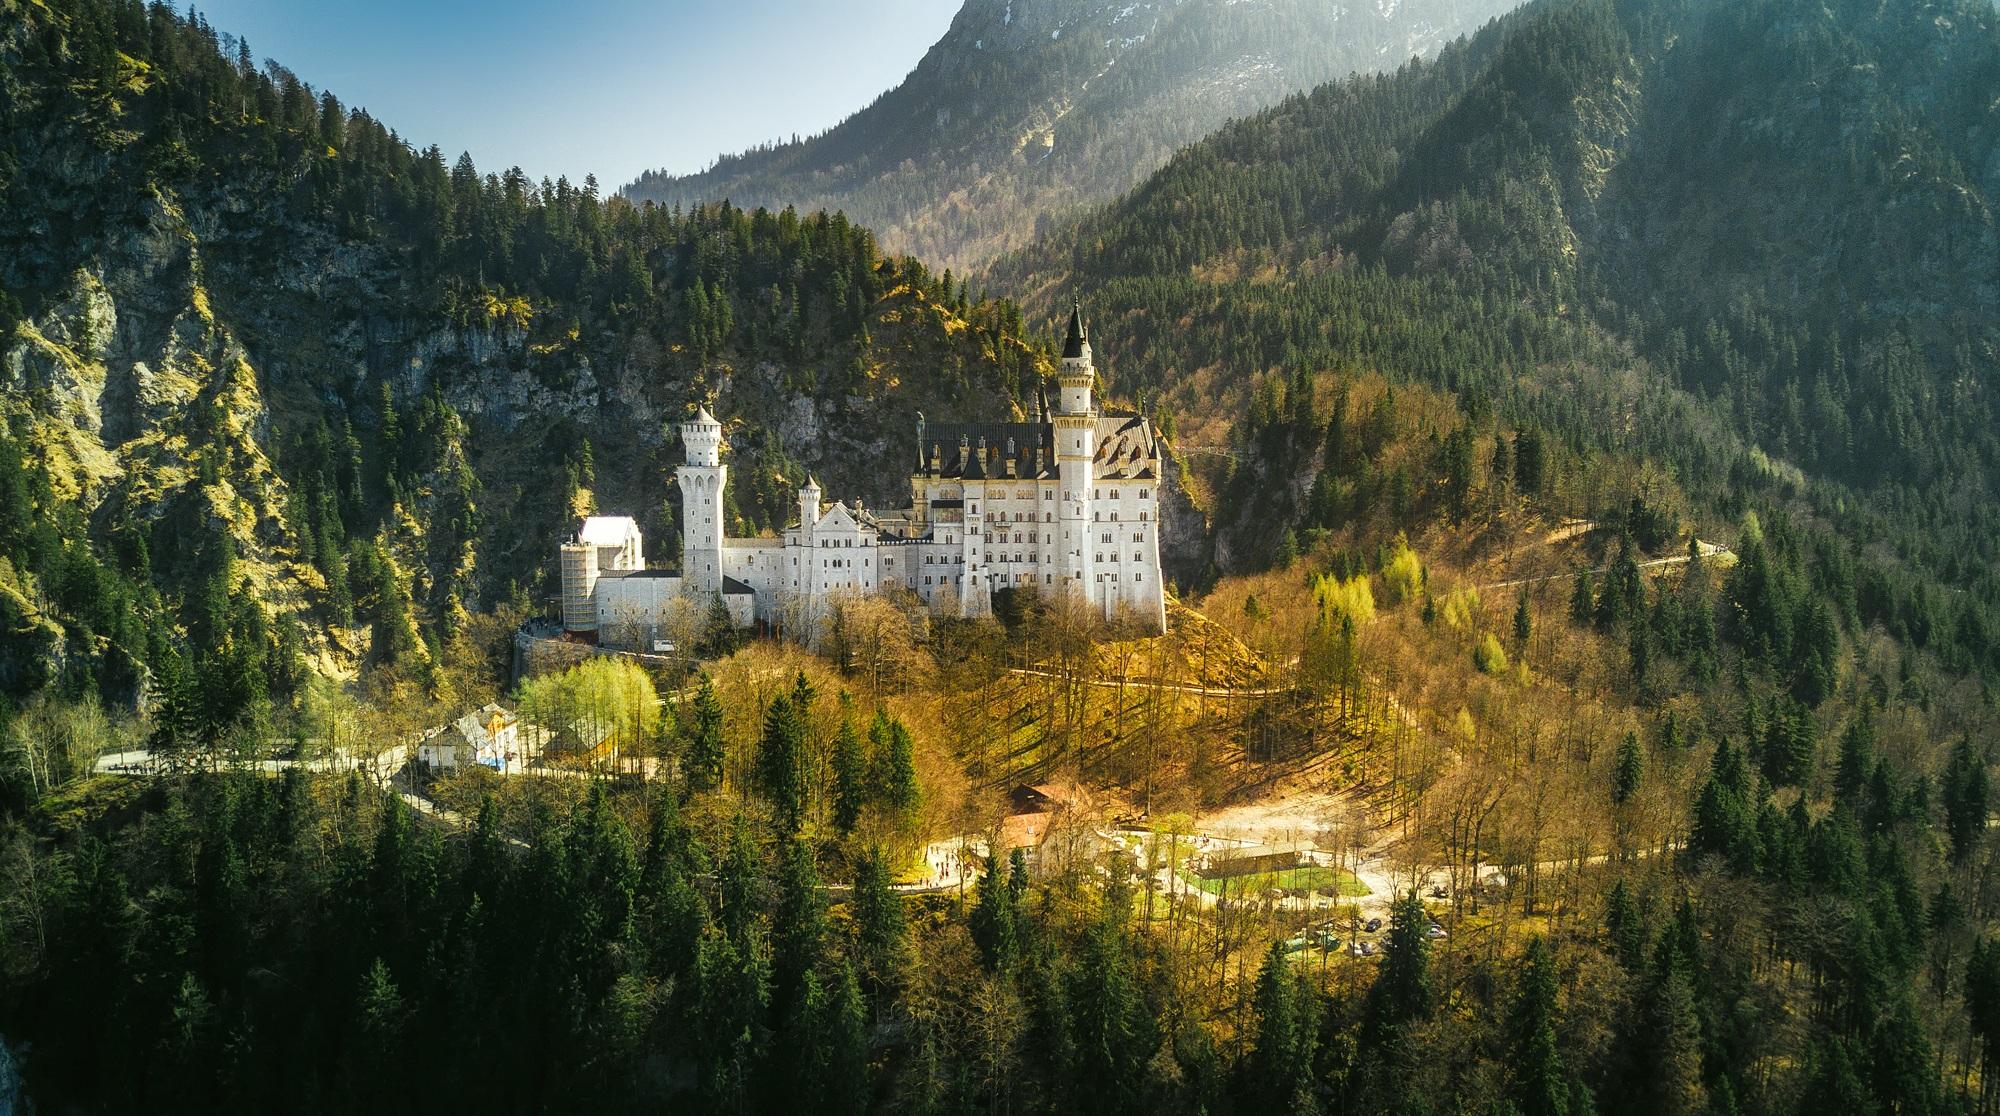 neuschwanstein-castle-2243447